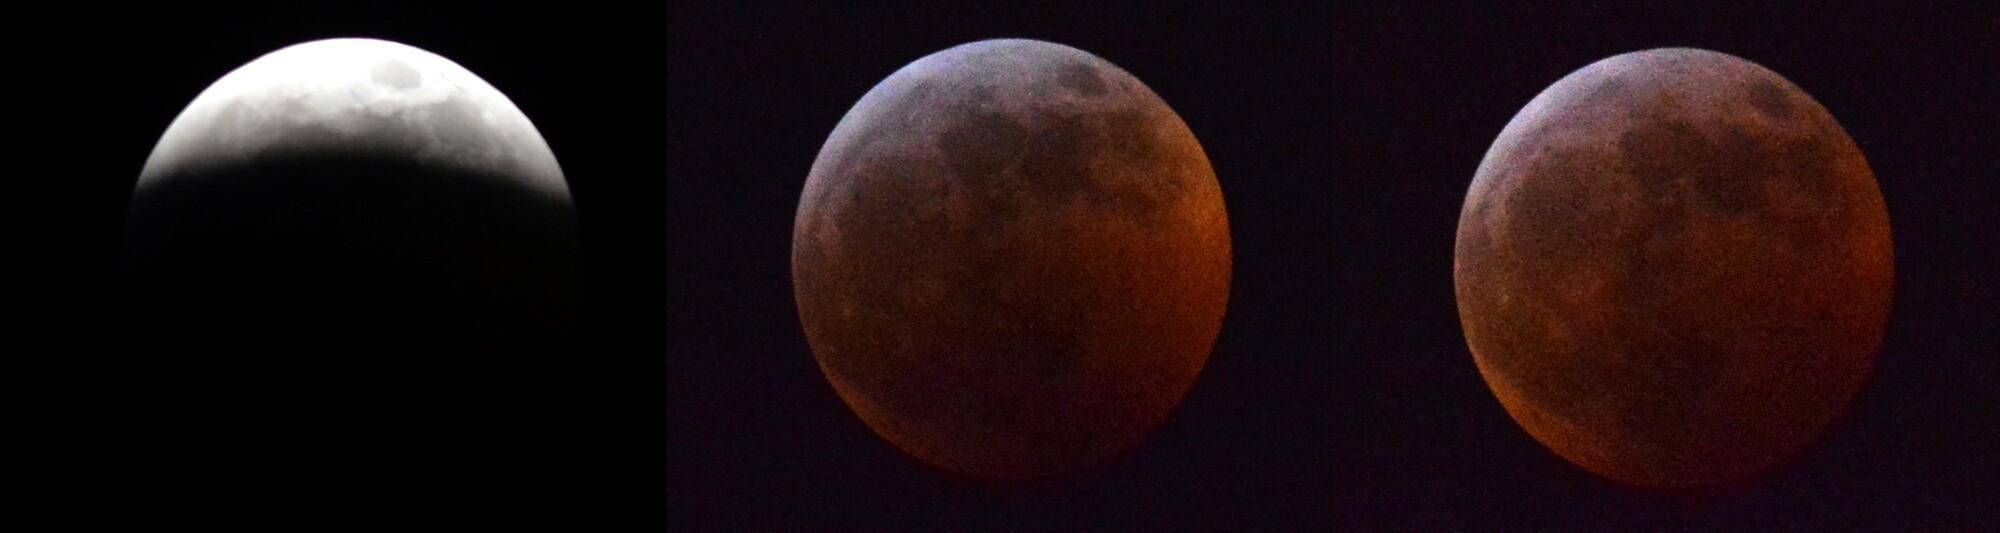 mooncomposite-2nd3.jpg